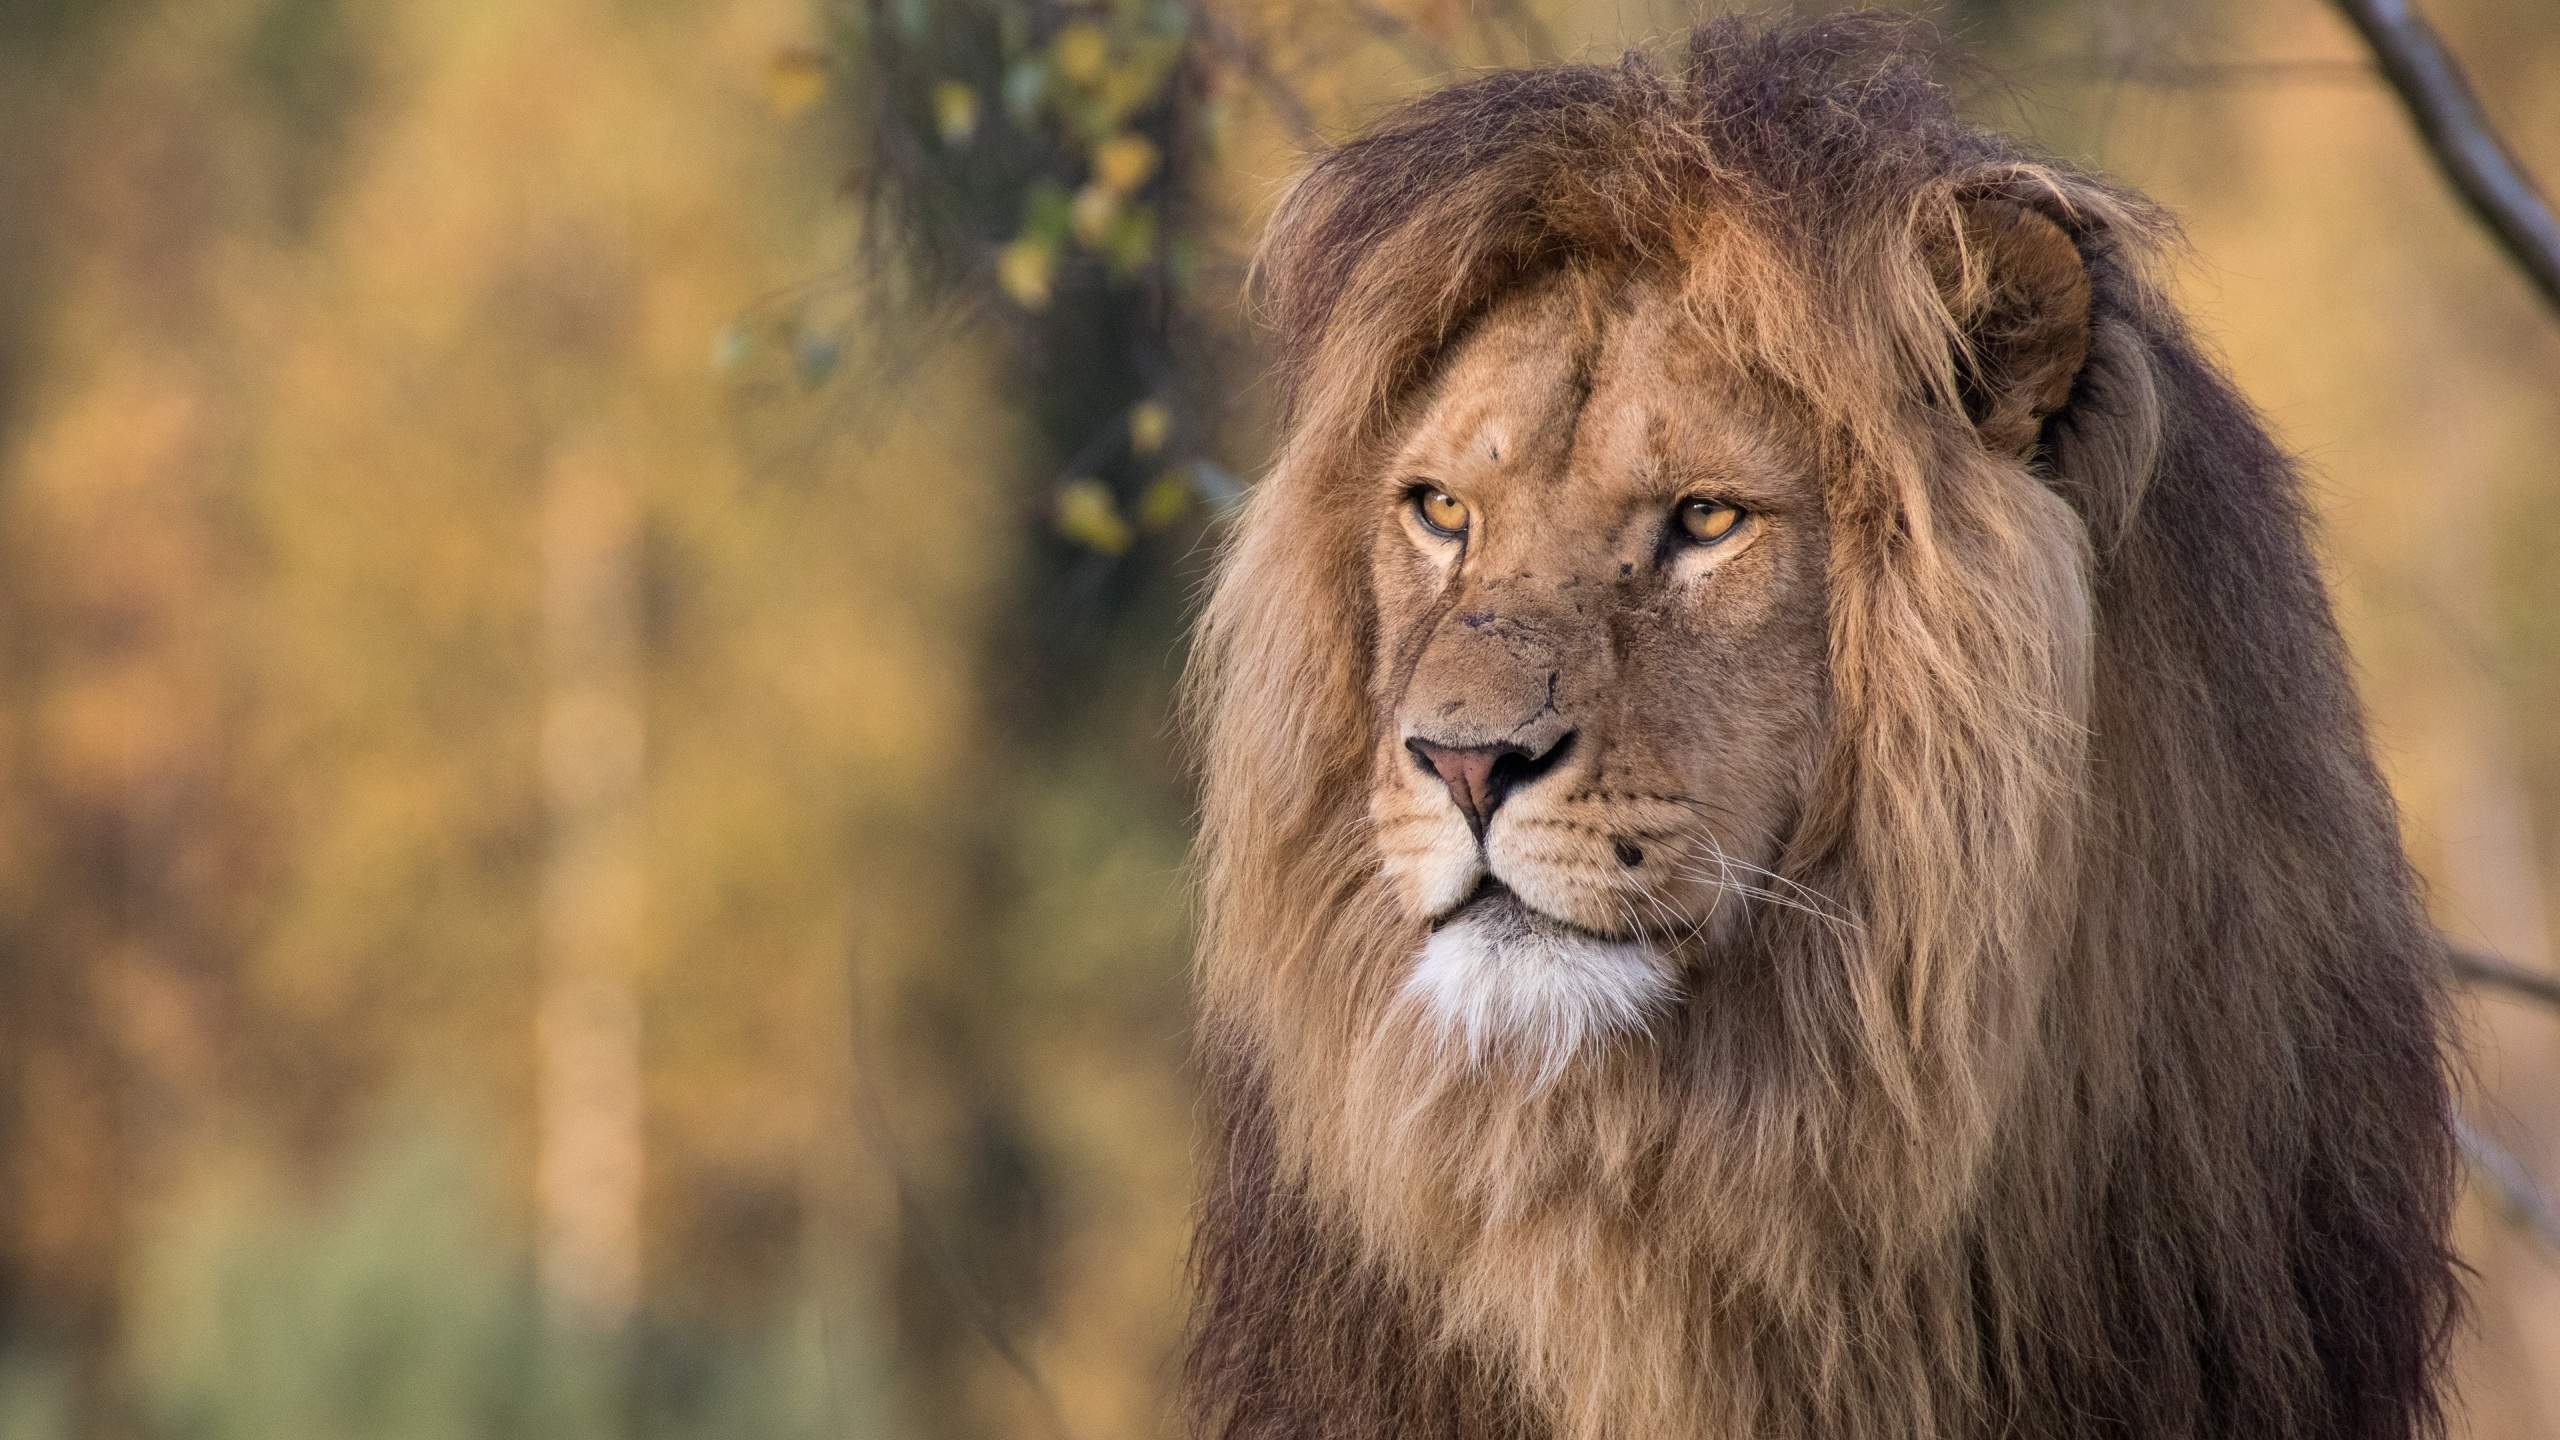 Fonds Decran 2560x1440 Lions Voir Animaux Télécharger Photo